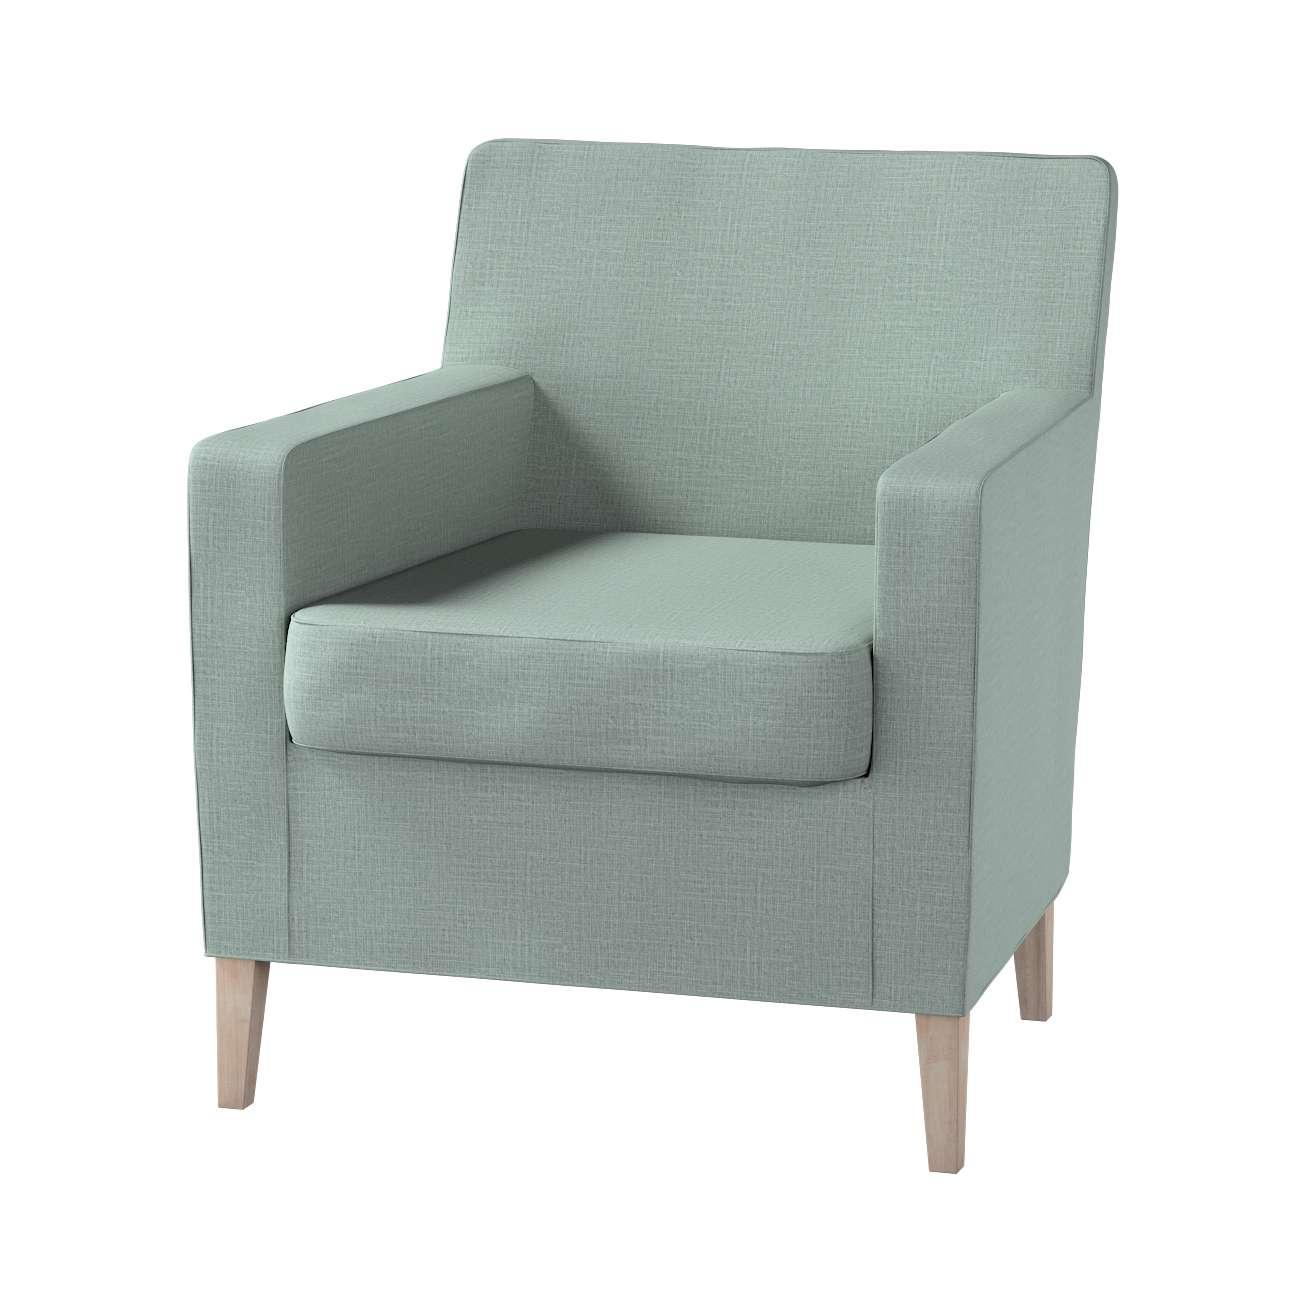 Pokrowiec na fotel Karlstad w kolekcji Living II, tkanina: 160-86